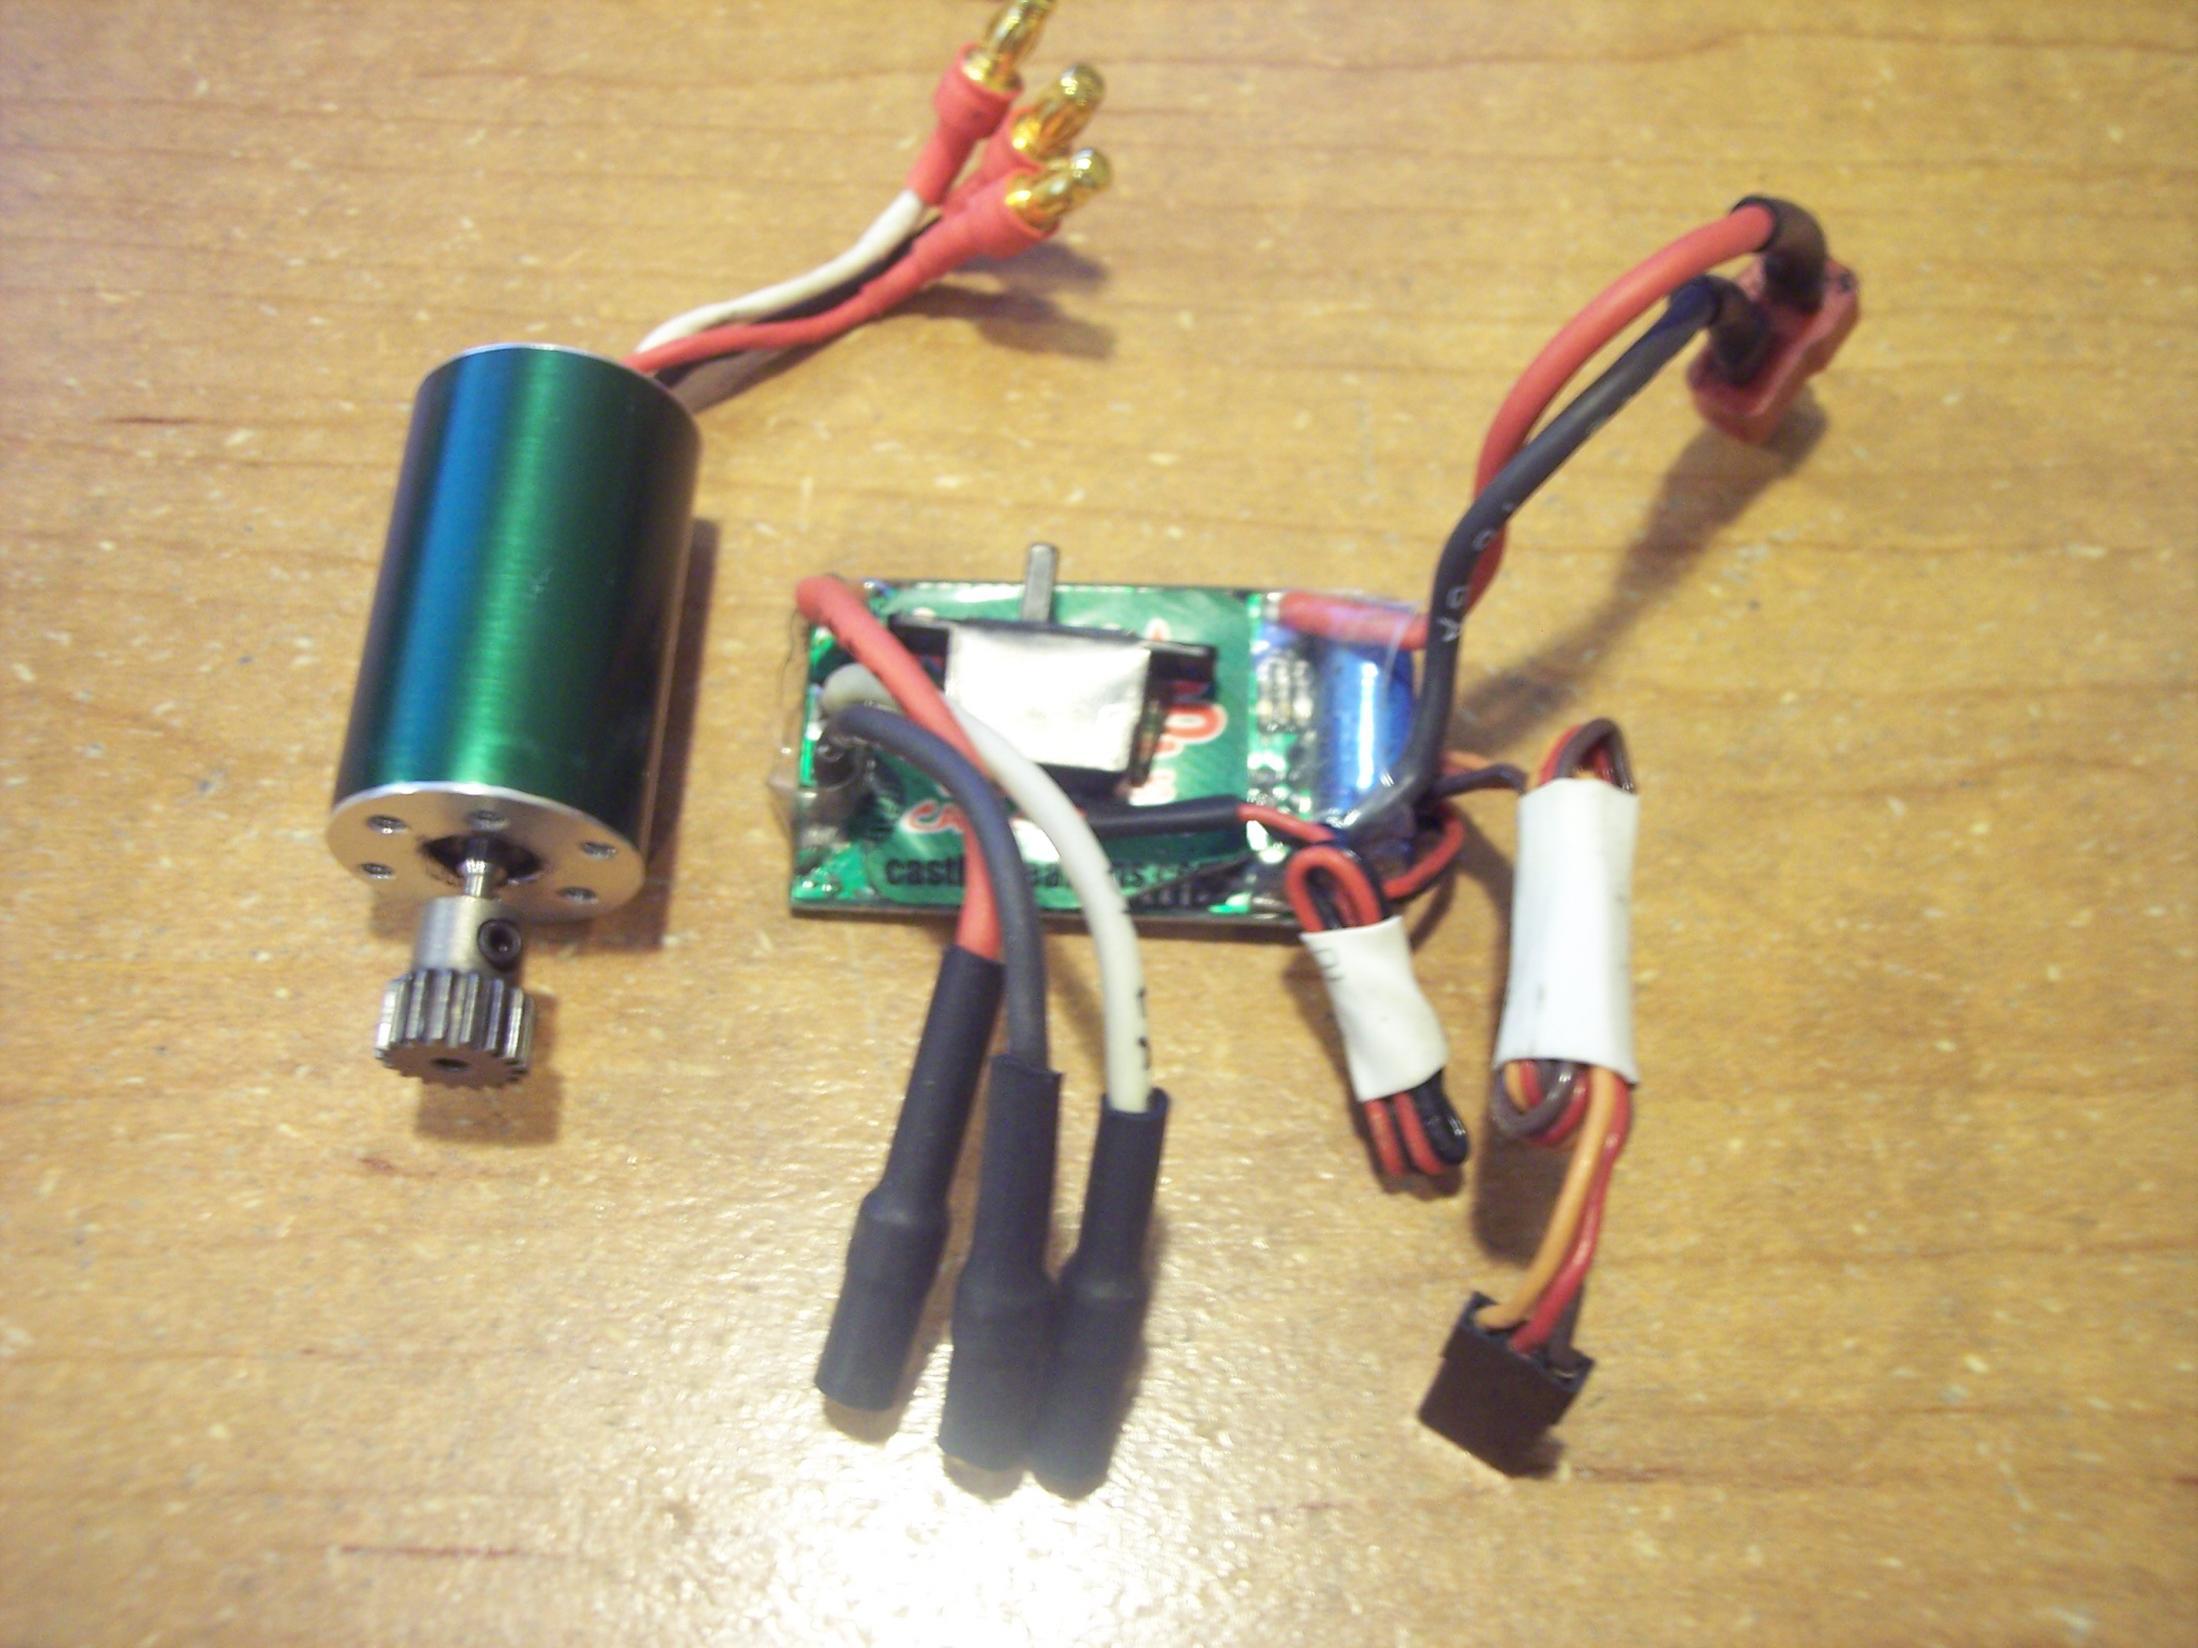 3com 3c905b-tx fast etherlink xl pci